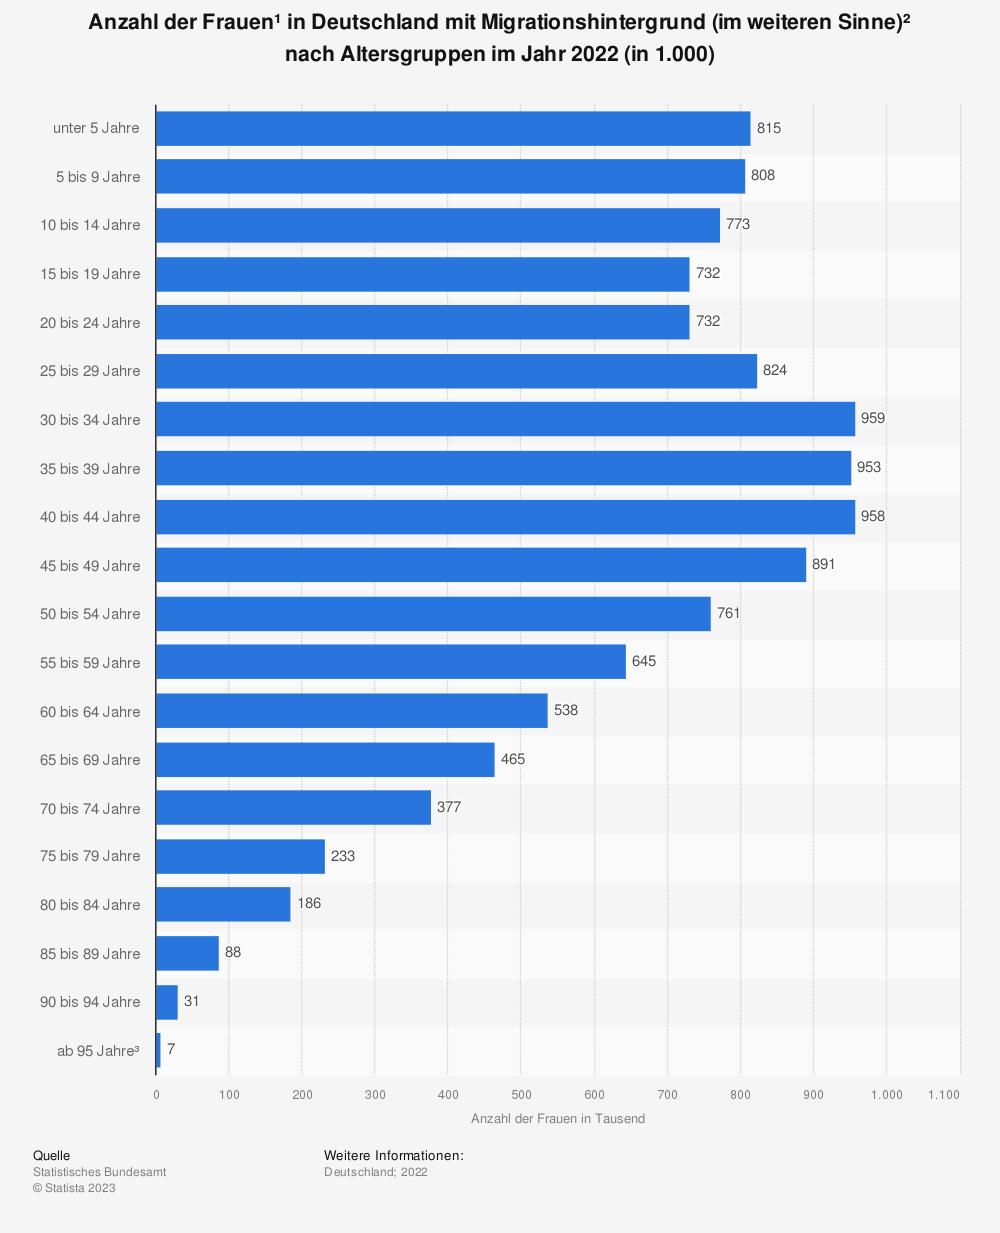 Statistik: Anzahl der Frauen in Deutschland mit Migrationshintergrund nach Altersgruppen im Jahr 2017 (in 1.000) | Statista